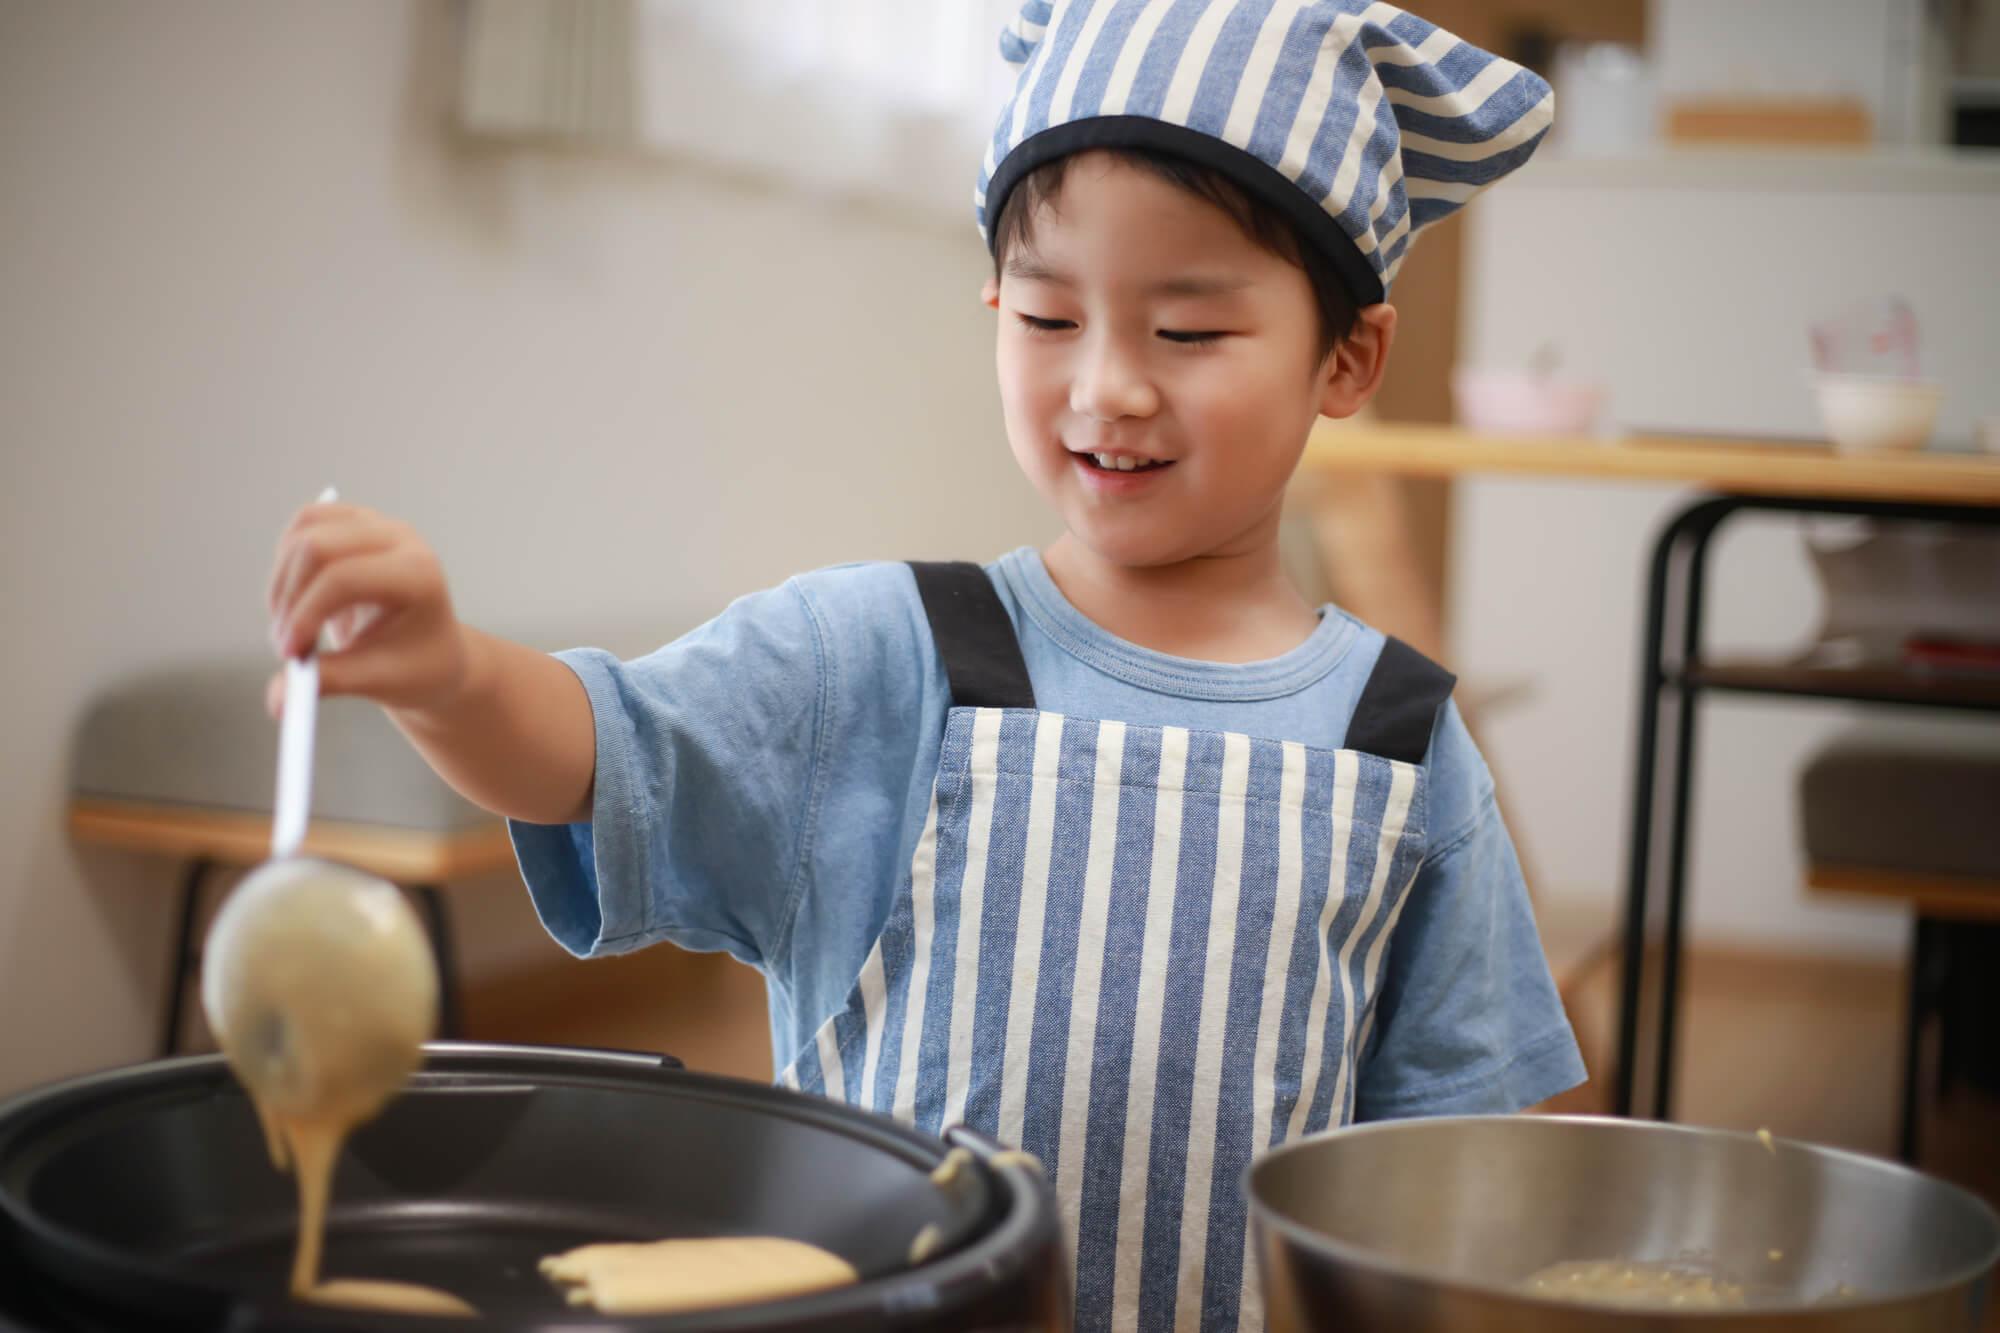 親子で料理をするメリット